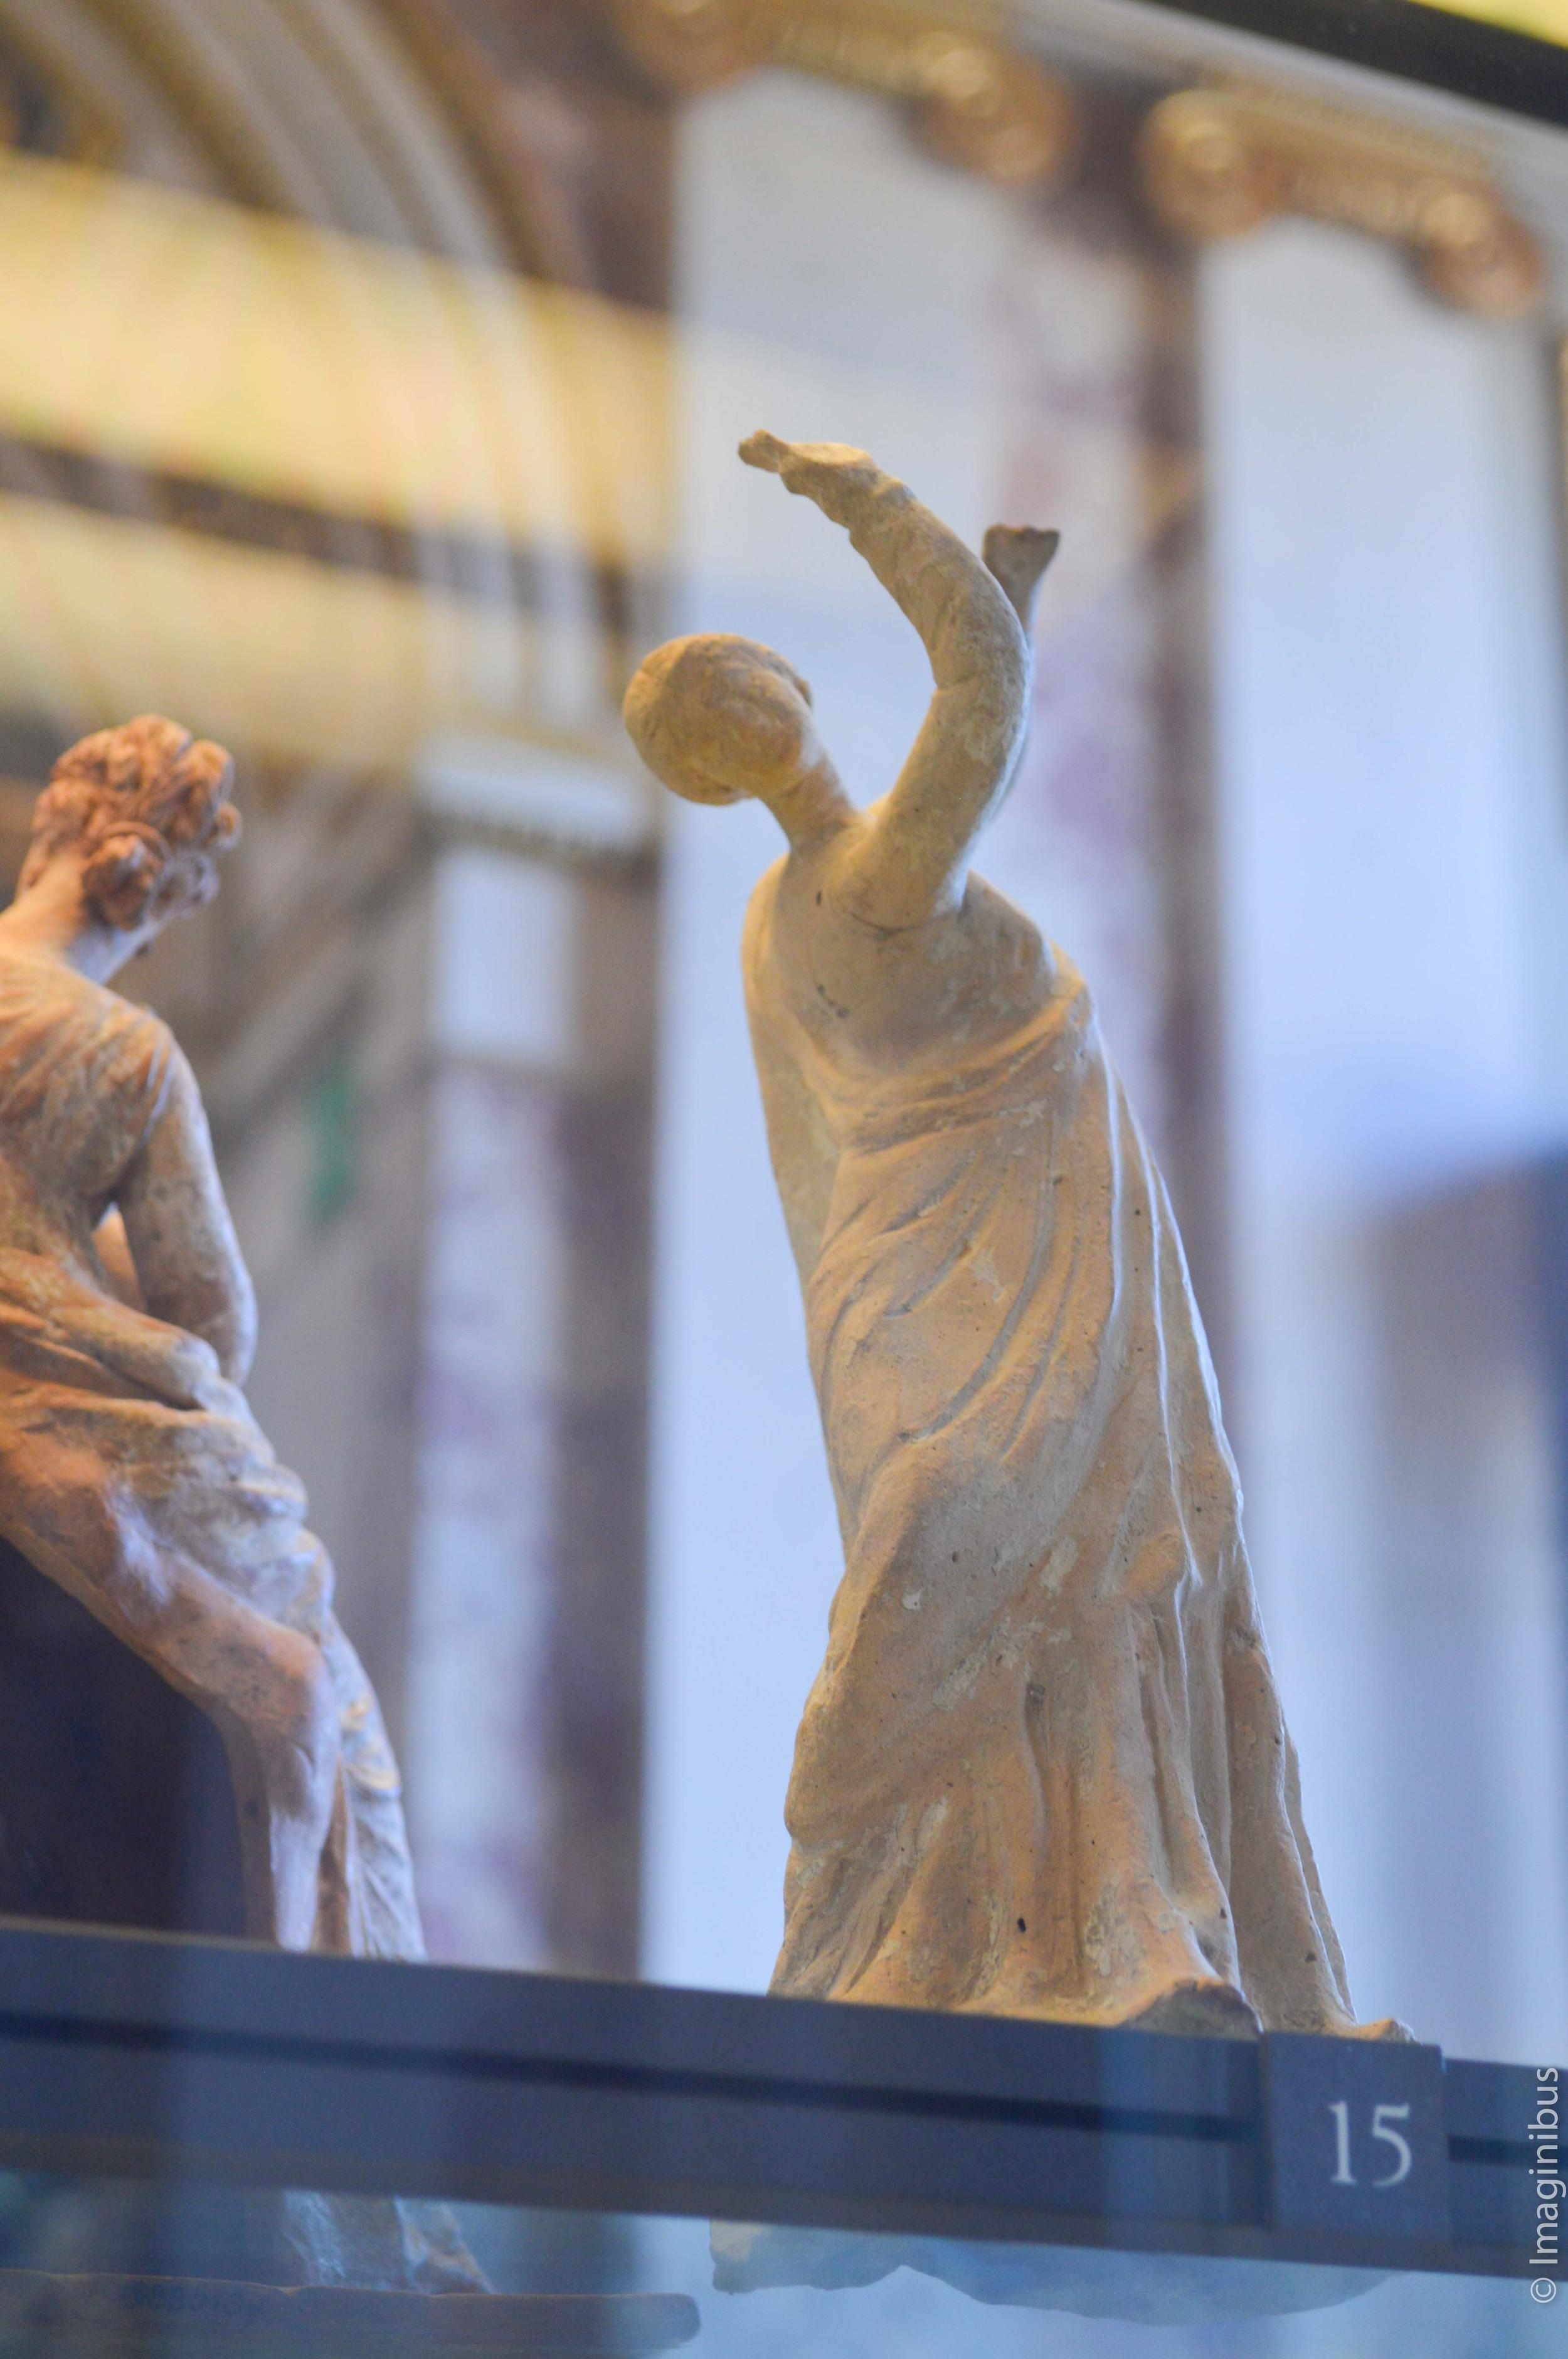 Louvre, Terracotta Statue, Greek Woman Dancing